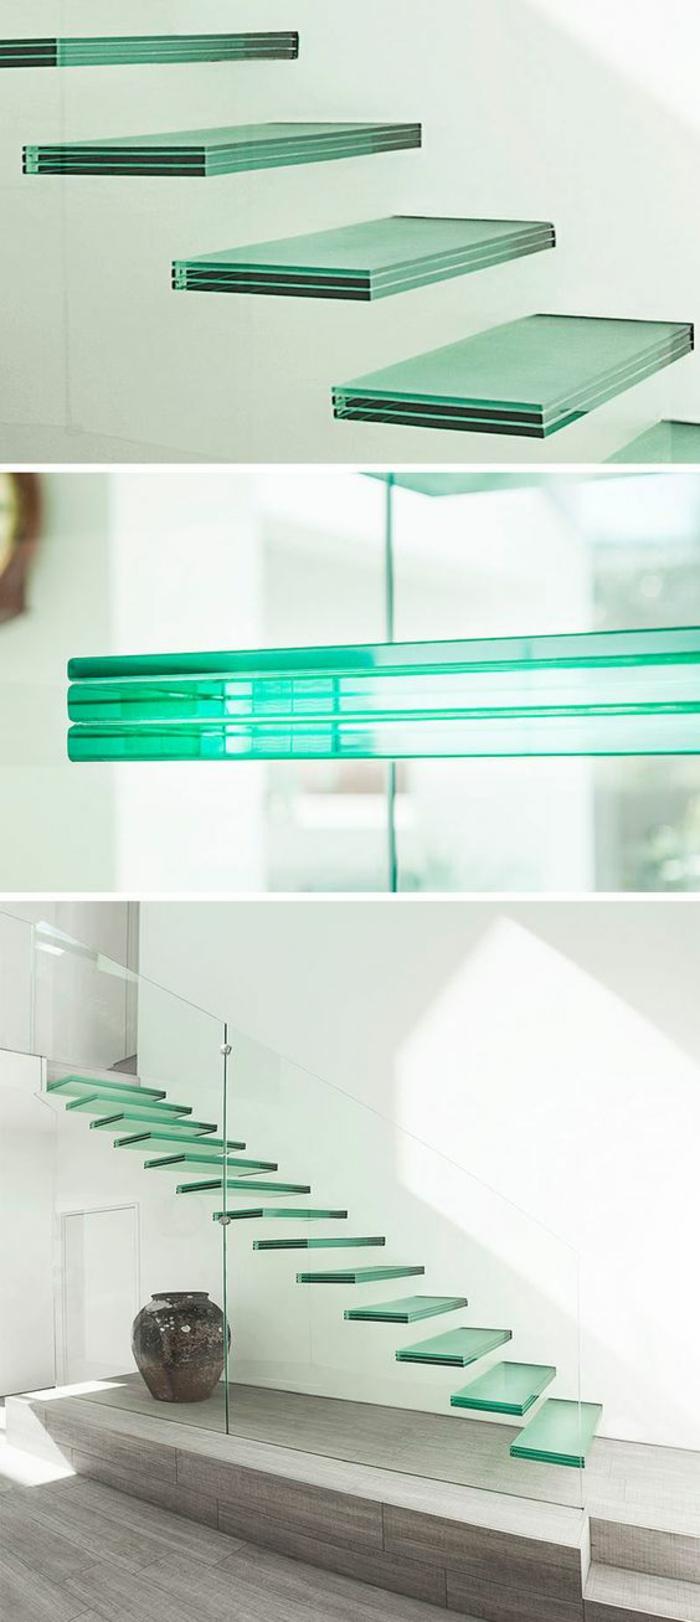 escalier design avec des marches suspendues en verre aux nuances vert bouteille, maison moderne, ameublement en style minimaliste